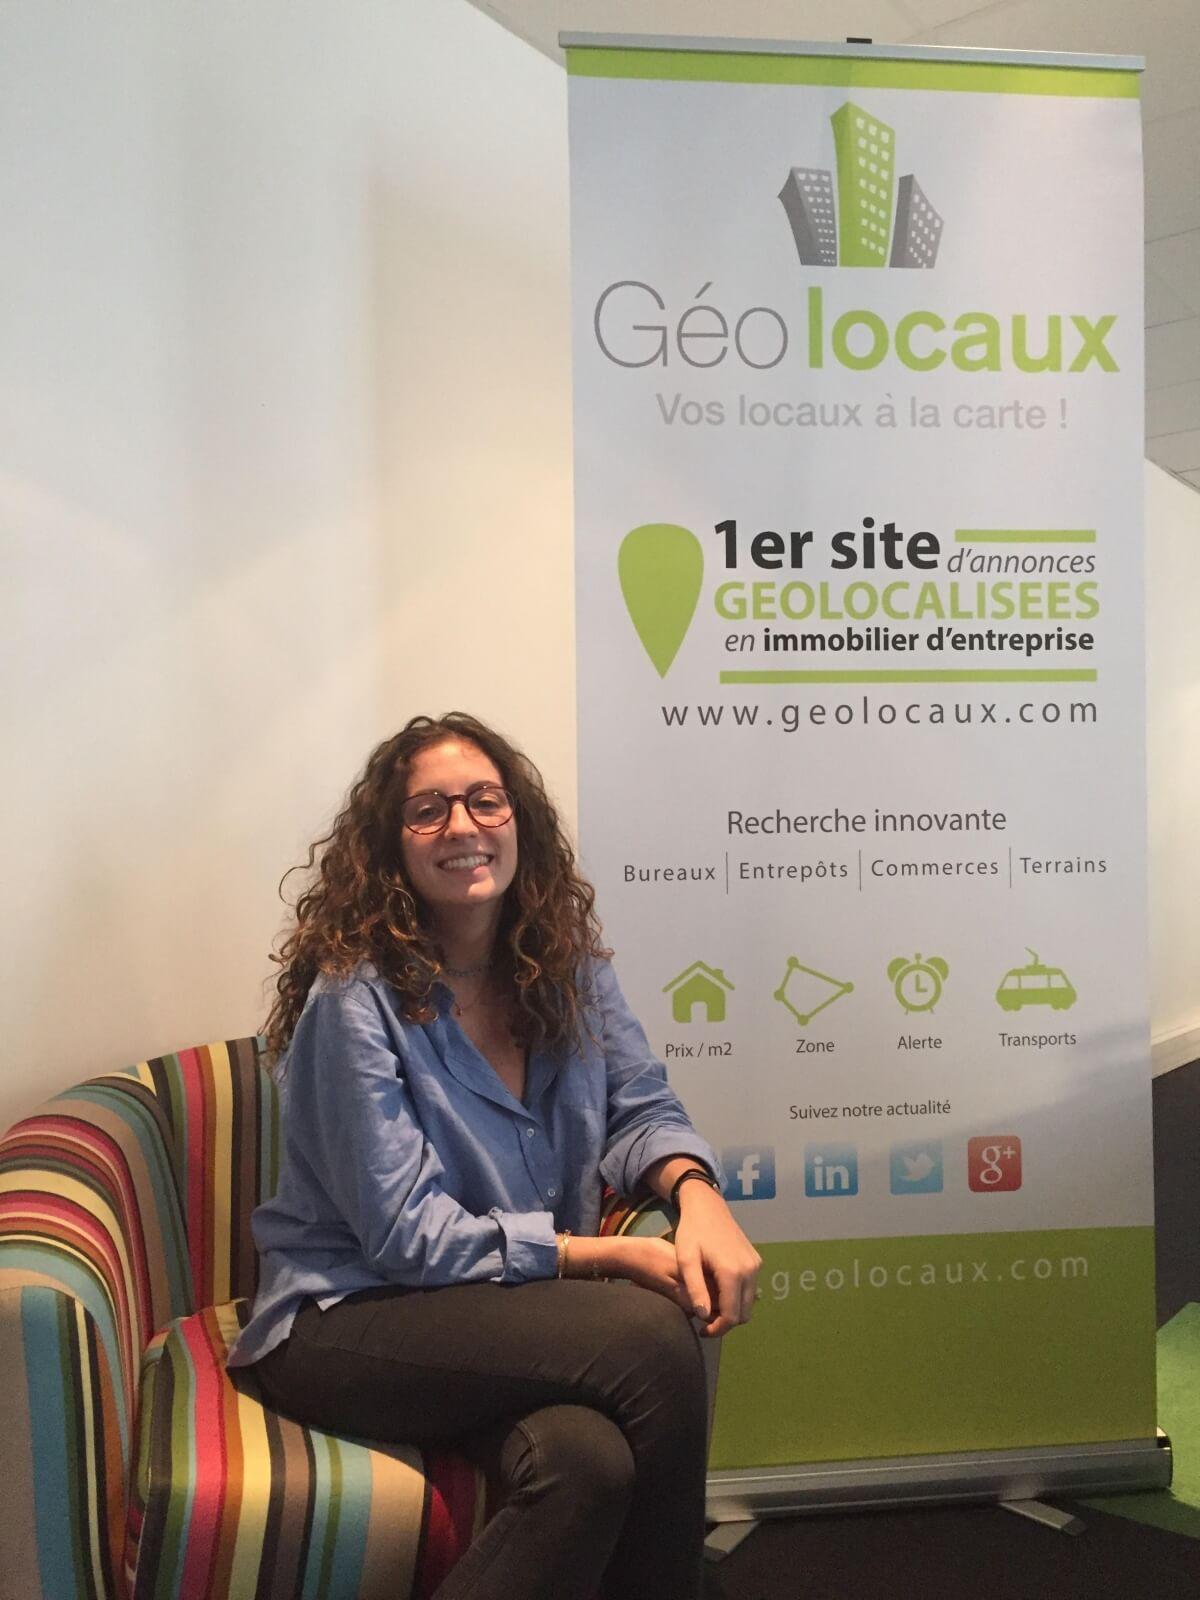 Natacha Levy Geolocaux